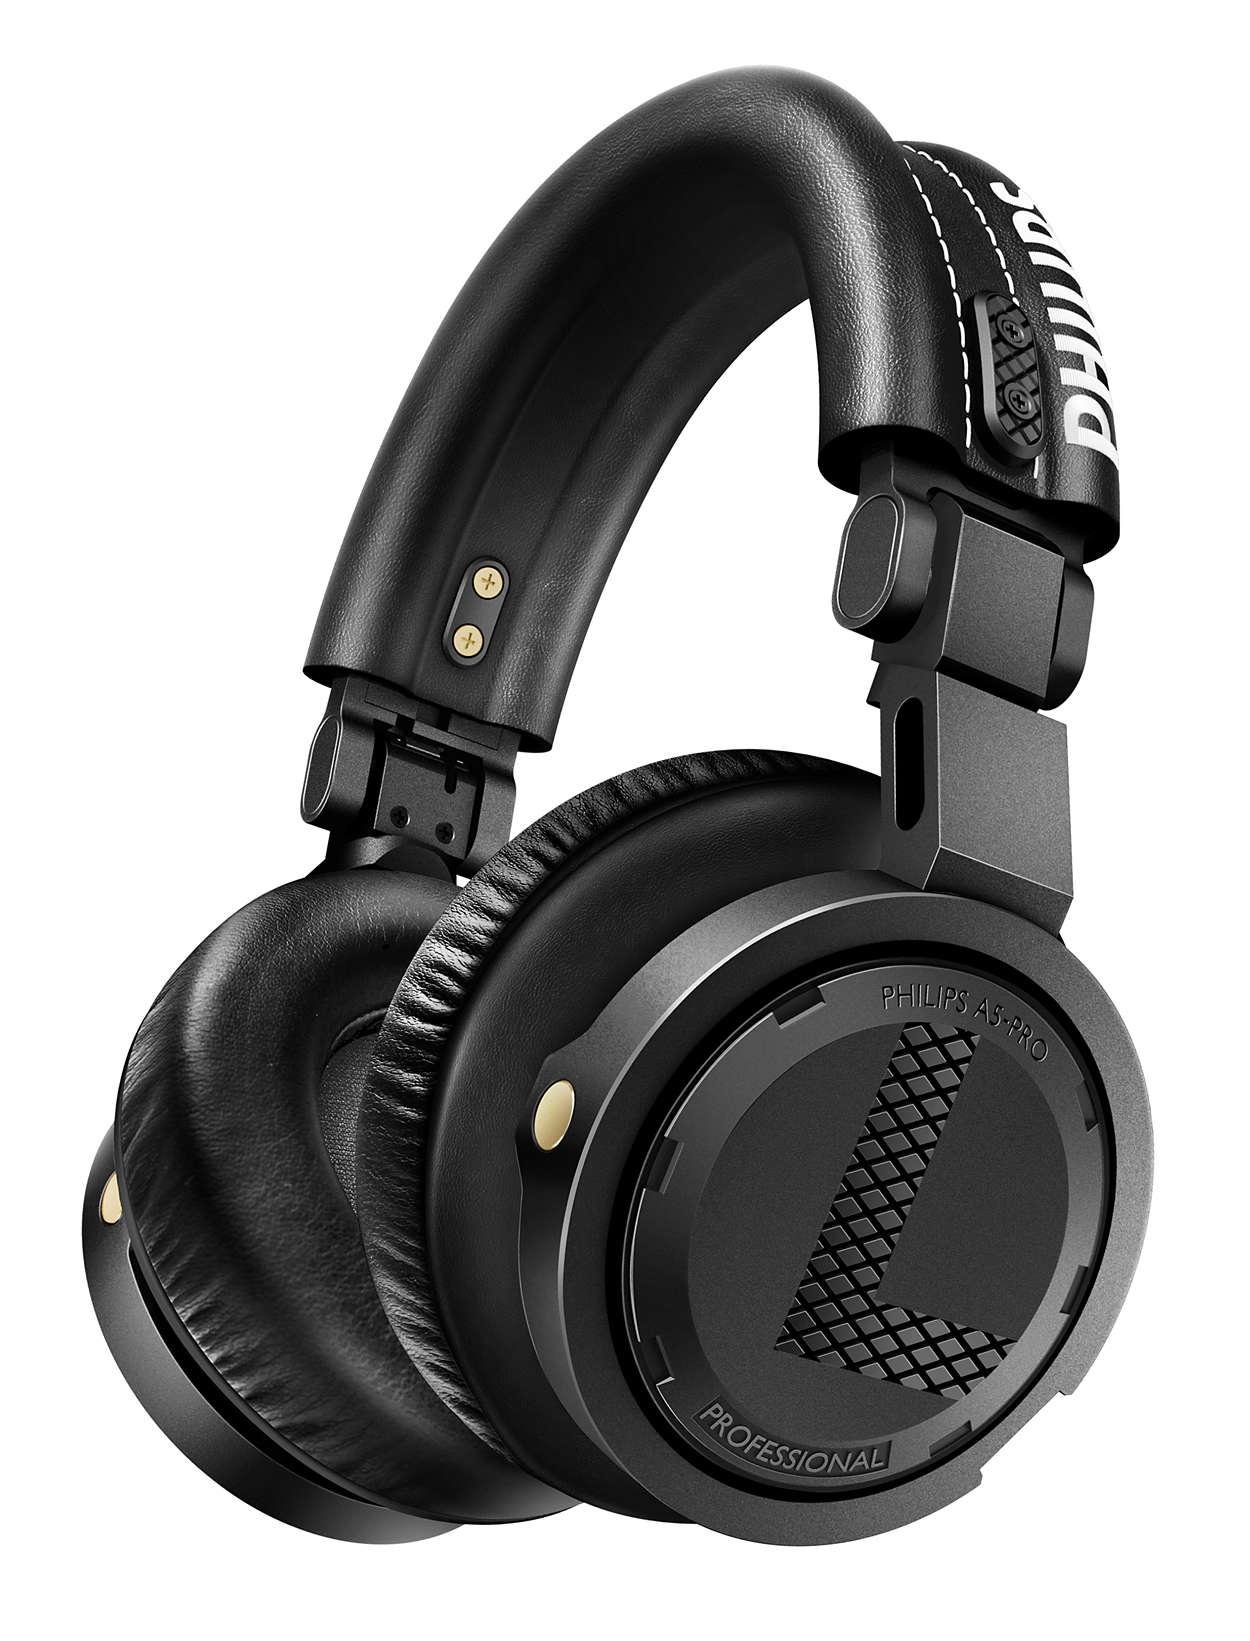 cf6d9ee2fb0 Professional DJ headphones A5PRO/27 | Philips